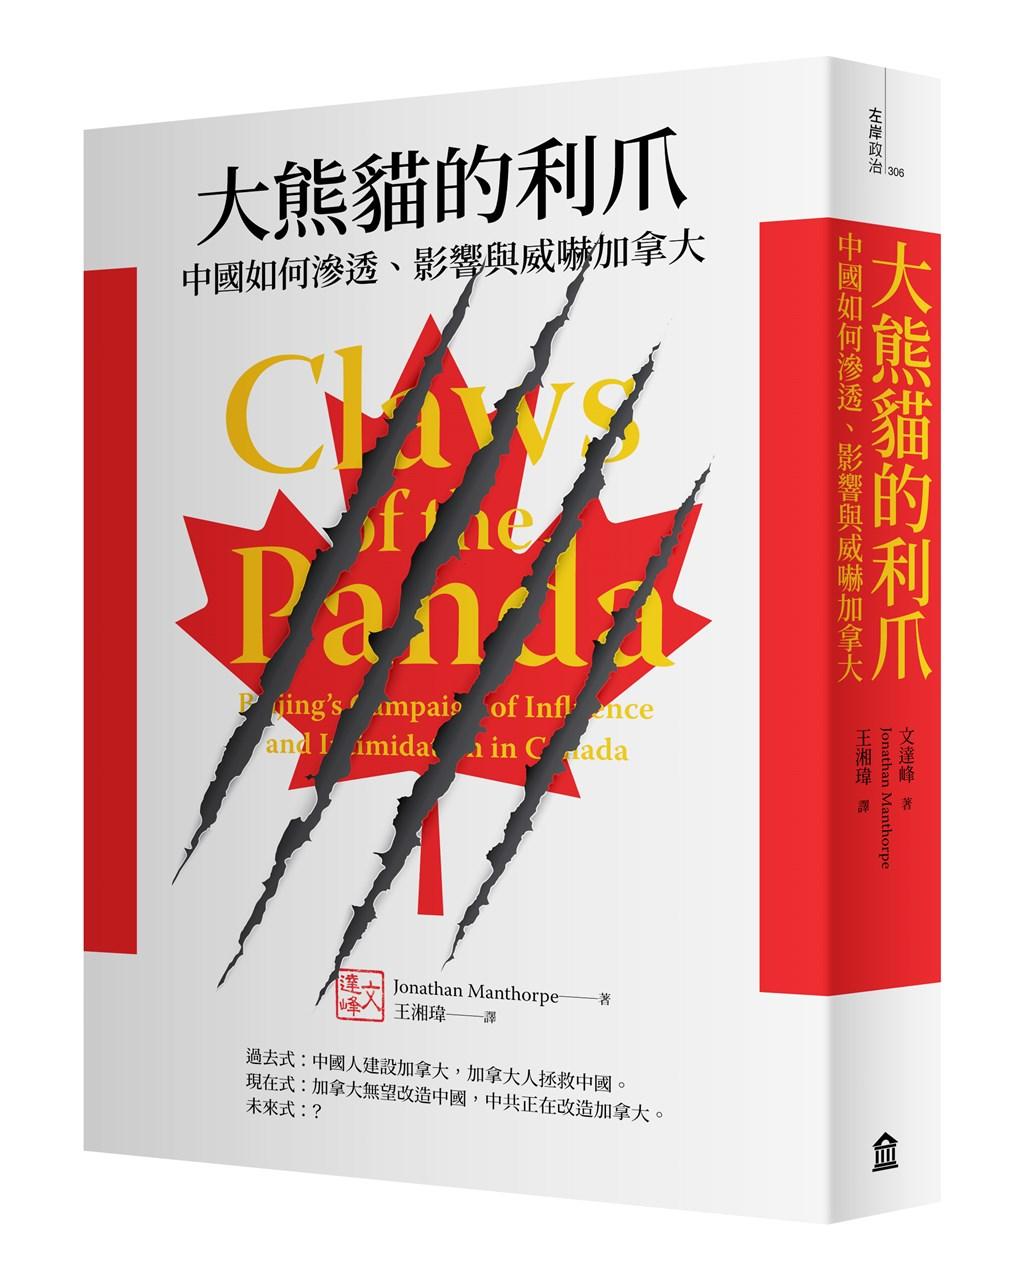 加拿大資深記者文達峰所著的新書「大熊貓的利爪:中國如何滲透、影響與威嚇加拿大」中文版將在台灣出版。(左岸文化出版社提供)